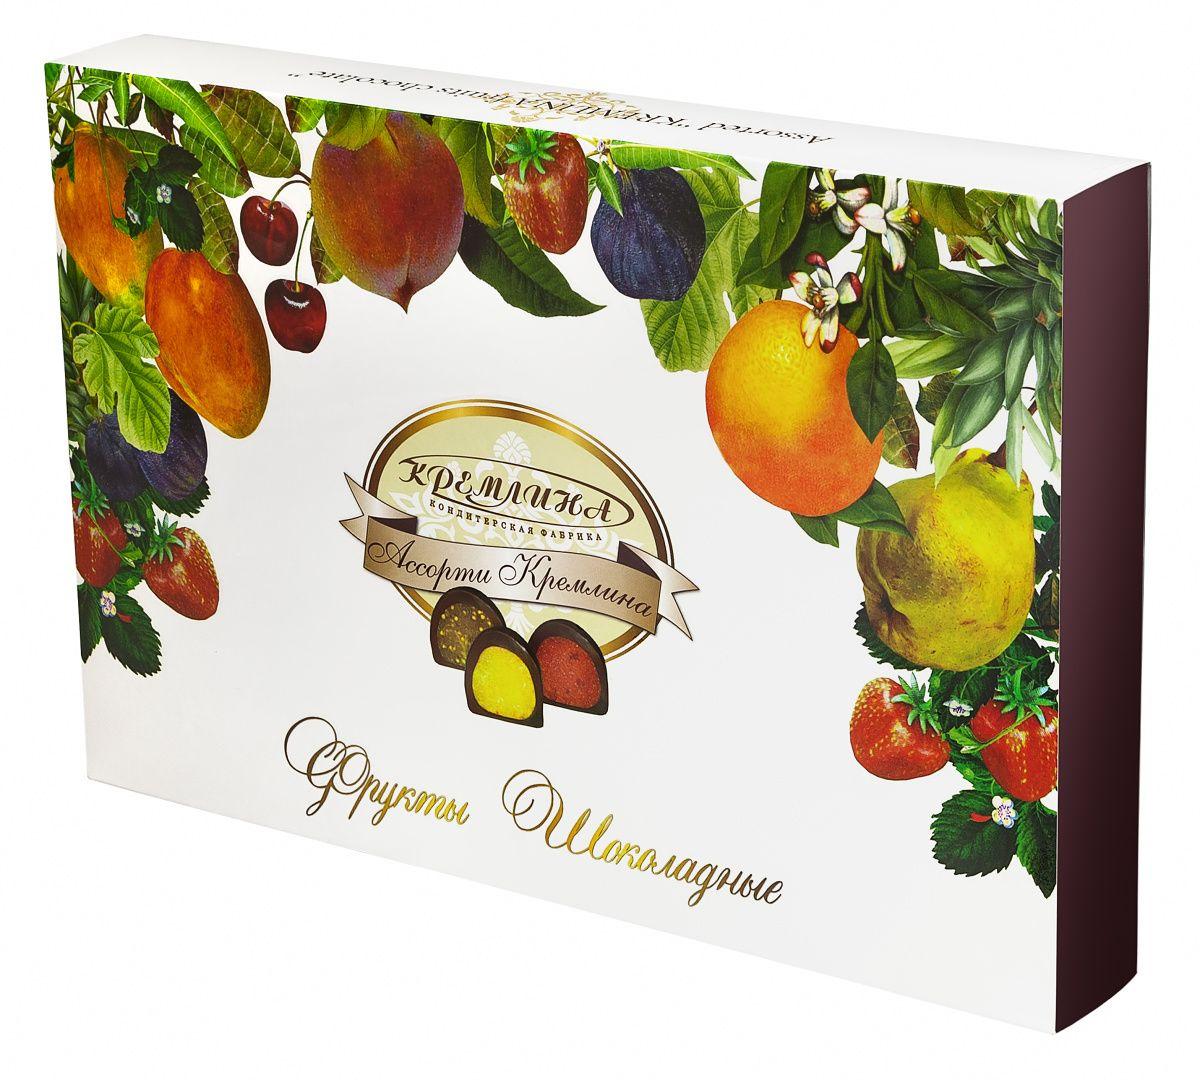 Кремлина Ассорти Фрукты шоколадные, 500 г (коробка) кремлина ассорти фрукты и орехи в шоколаде 250 г